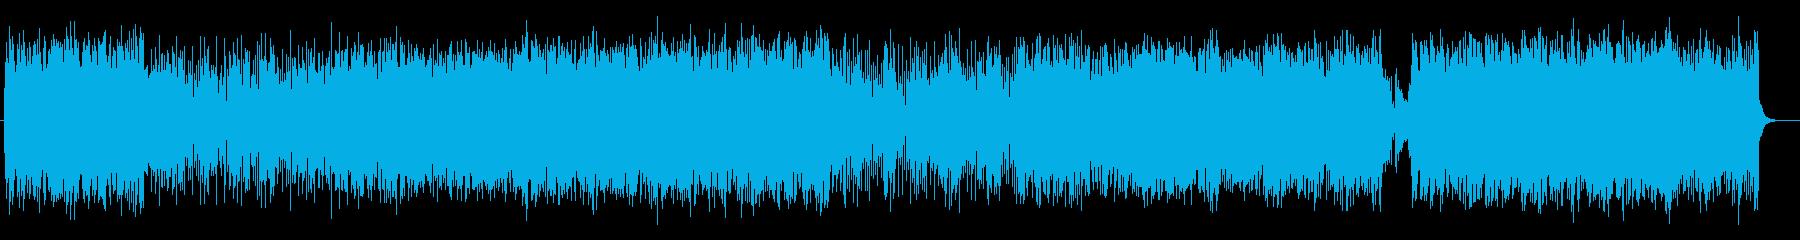 軽快で疾走感あるメロディが特徴のポップの再生済みの波形